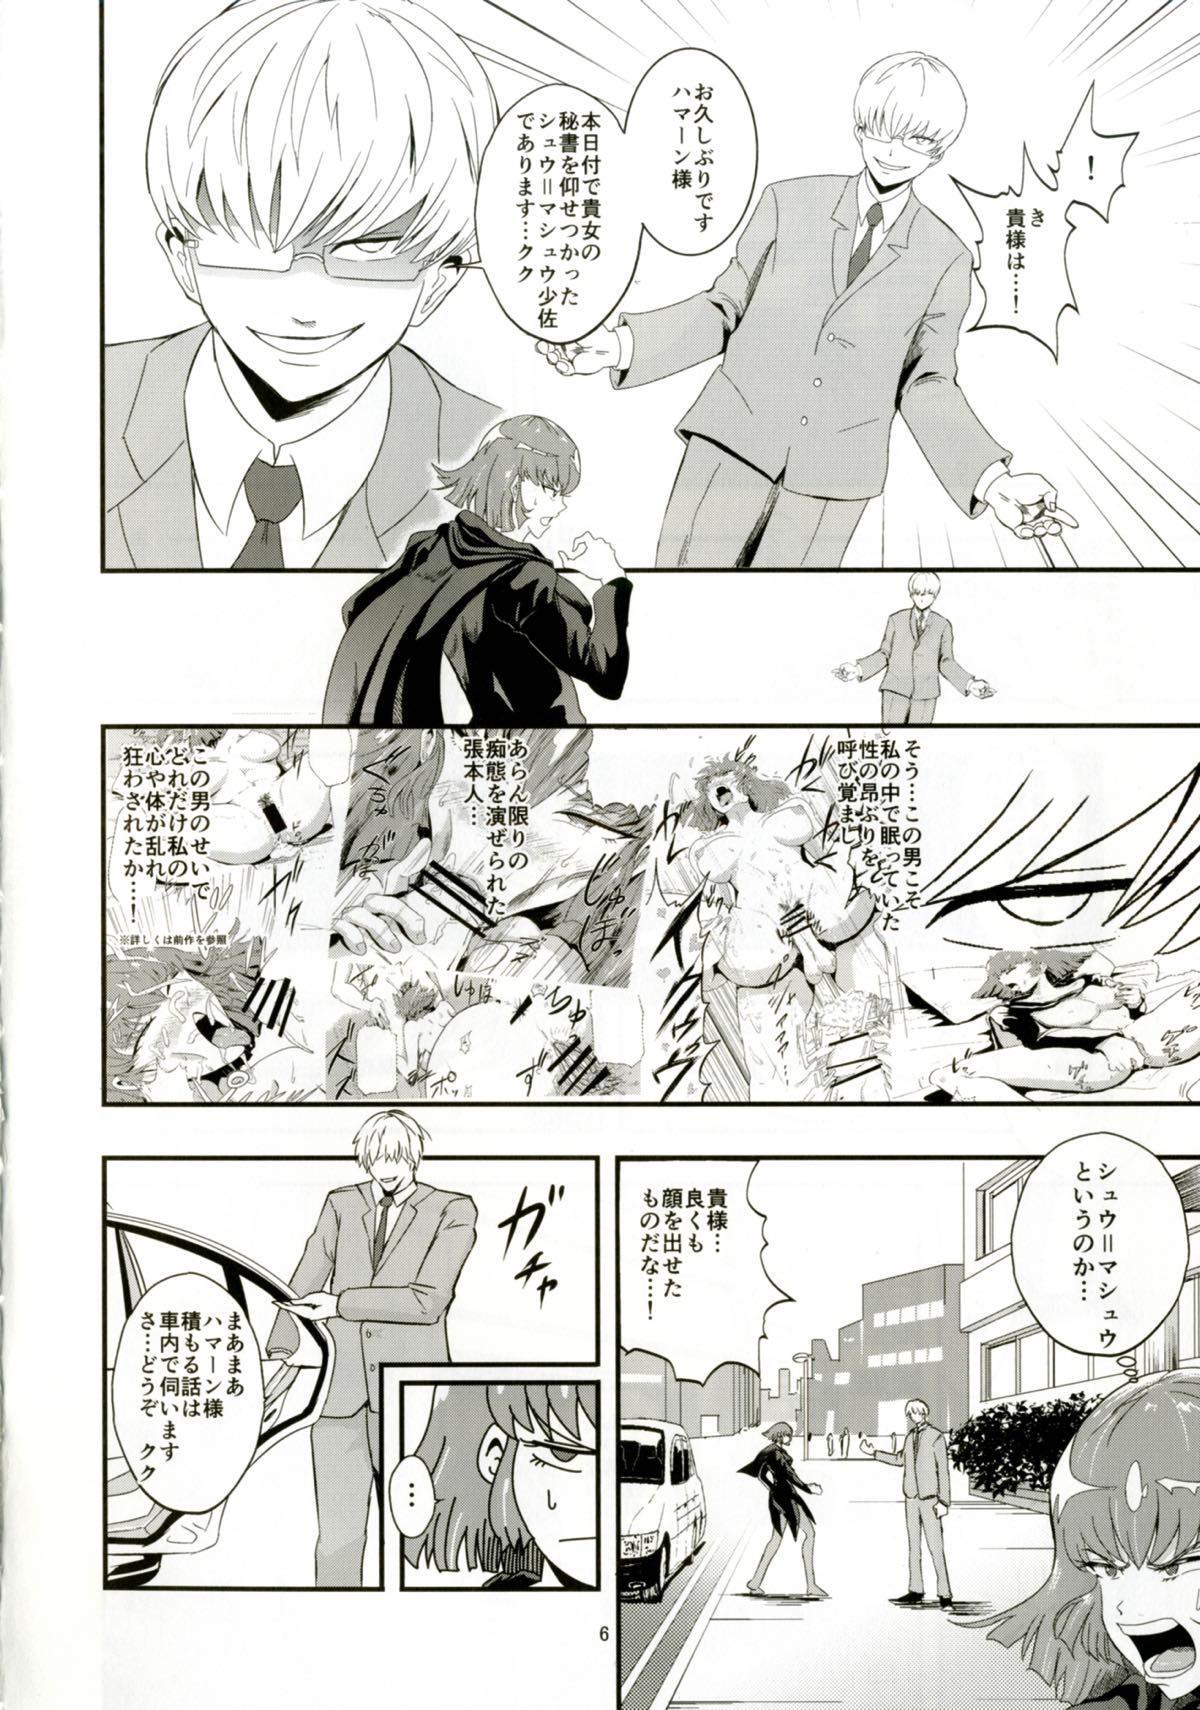 Haman-sama no Inzoku na Hibi 2 4